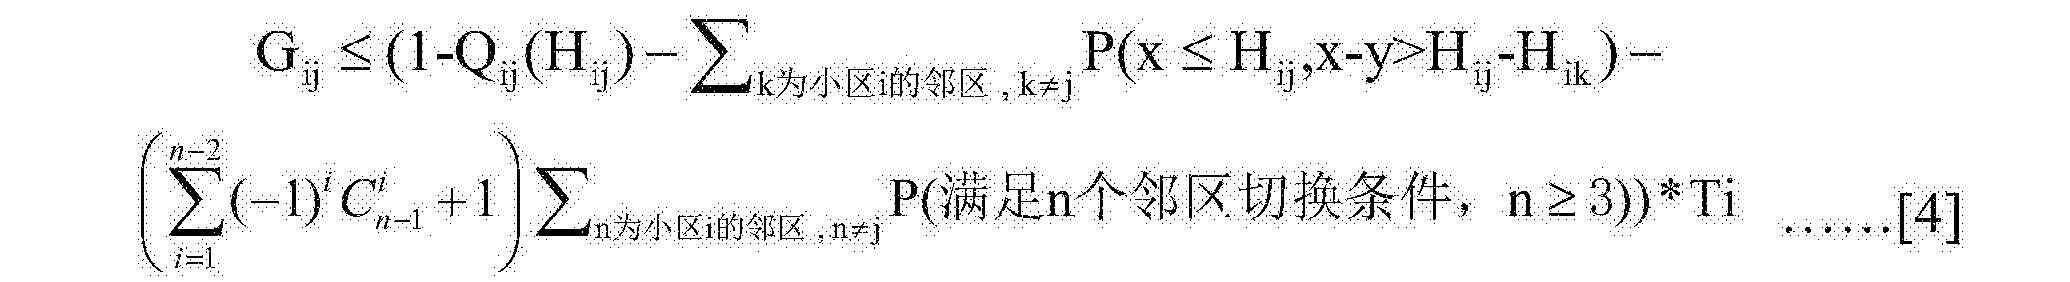 Figure CN104219707BD00155